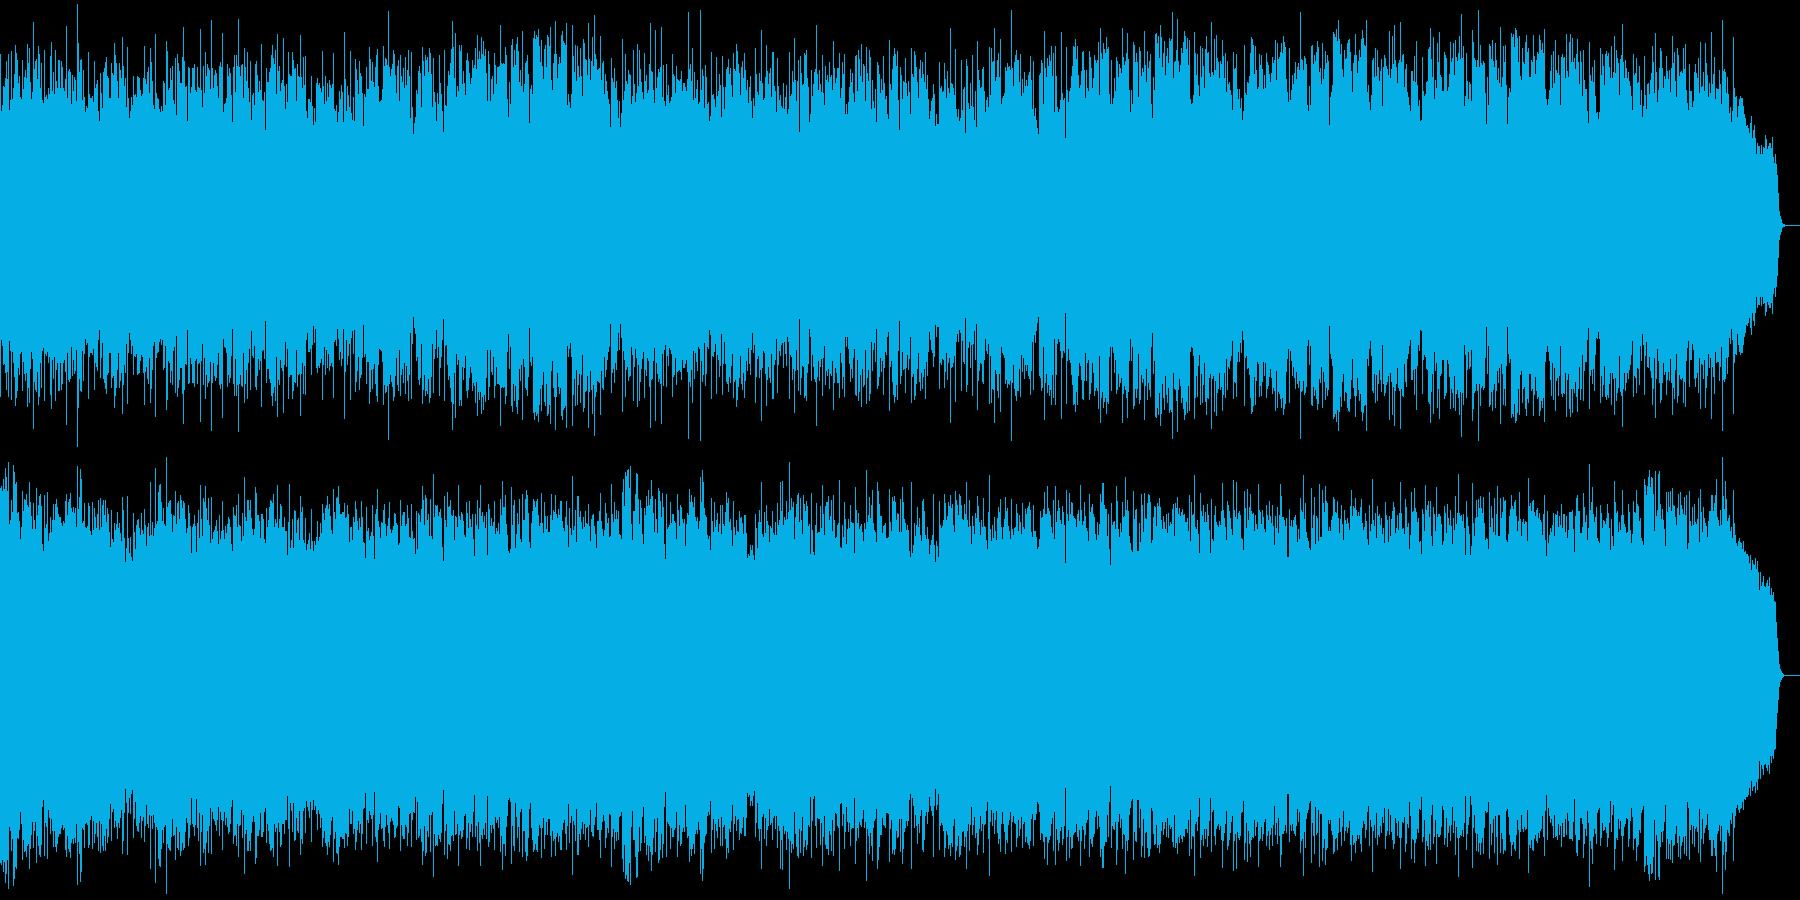 サックスが奏でるロマンチックなバラードの再生済みの波形